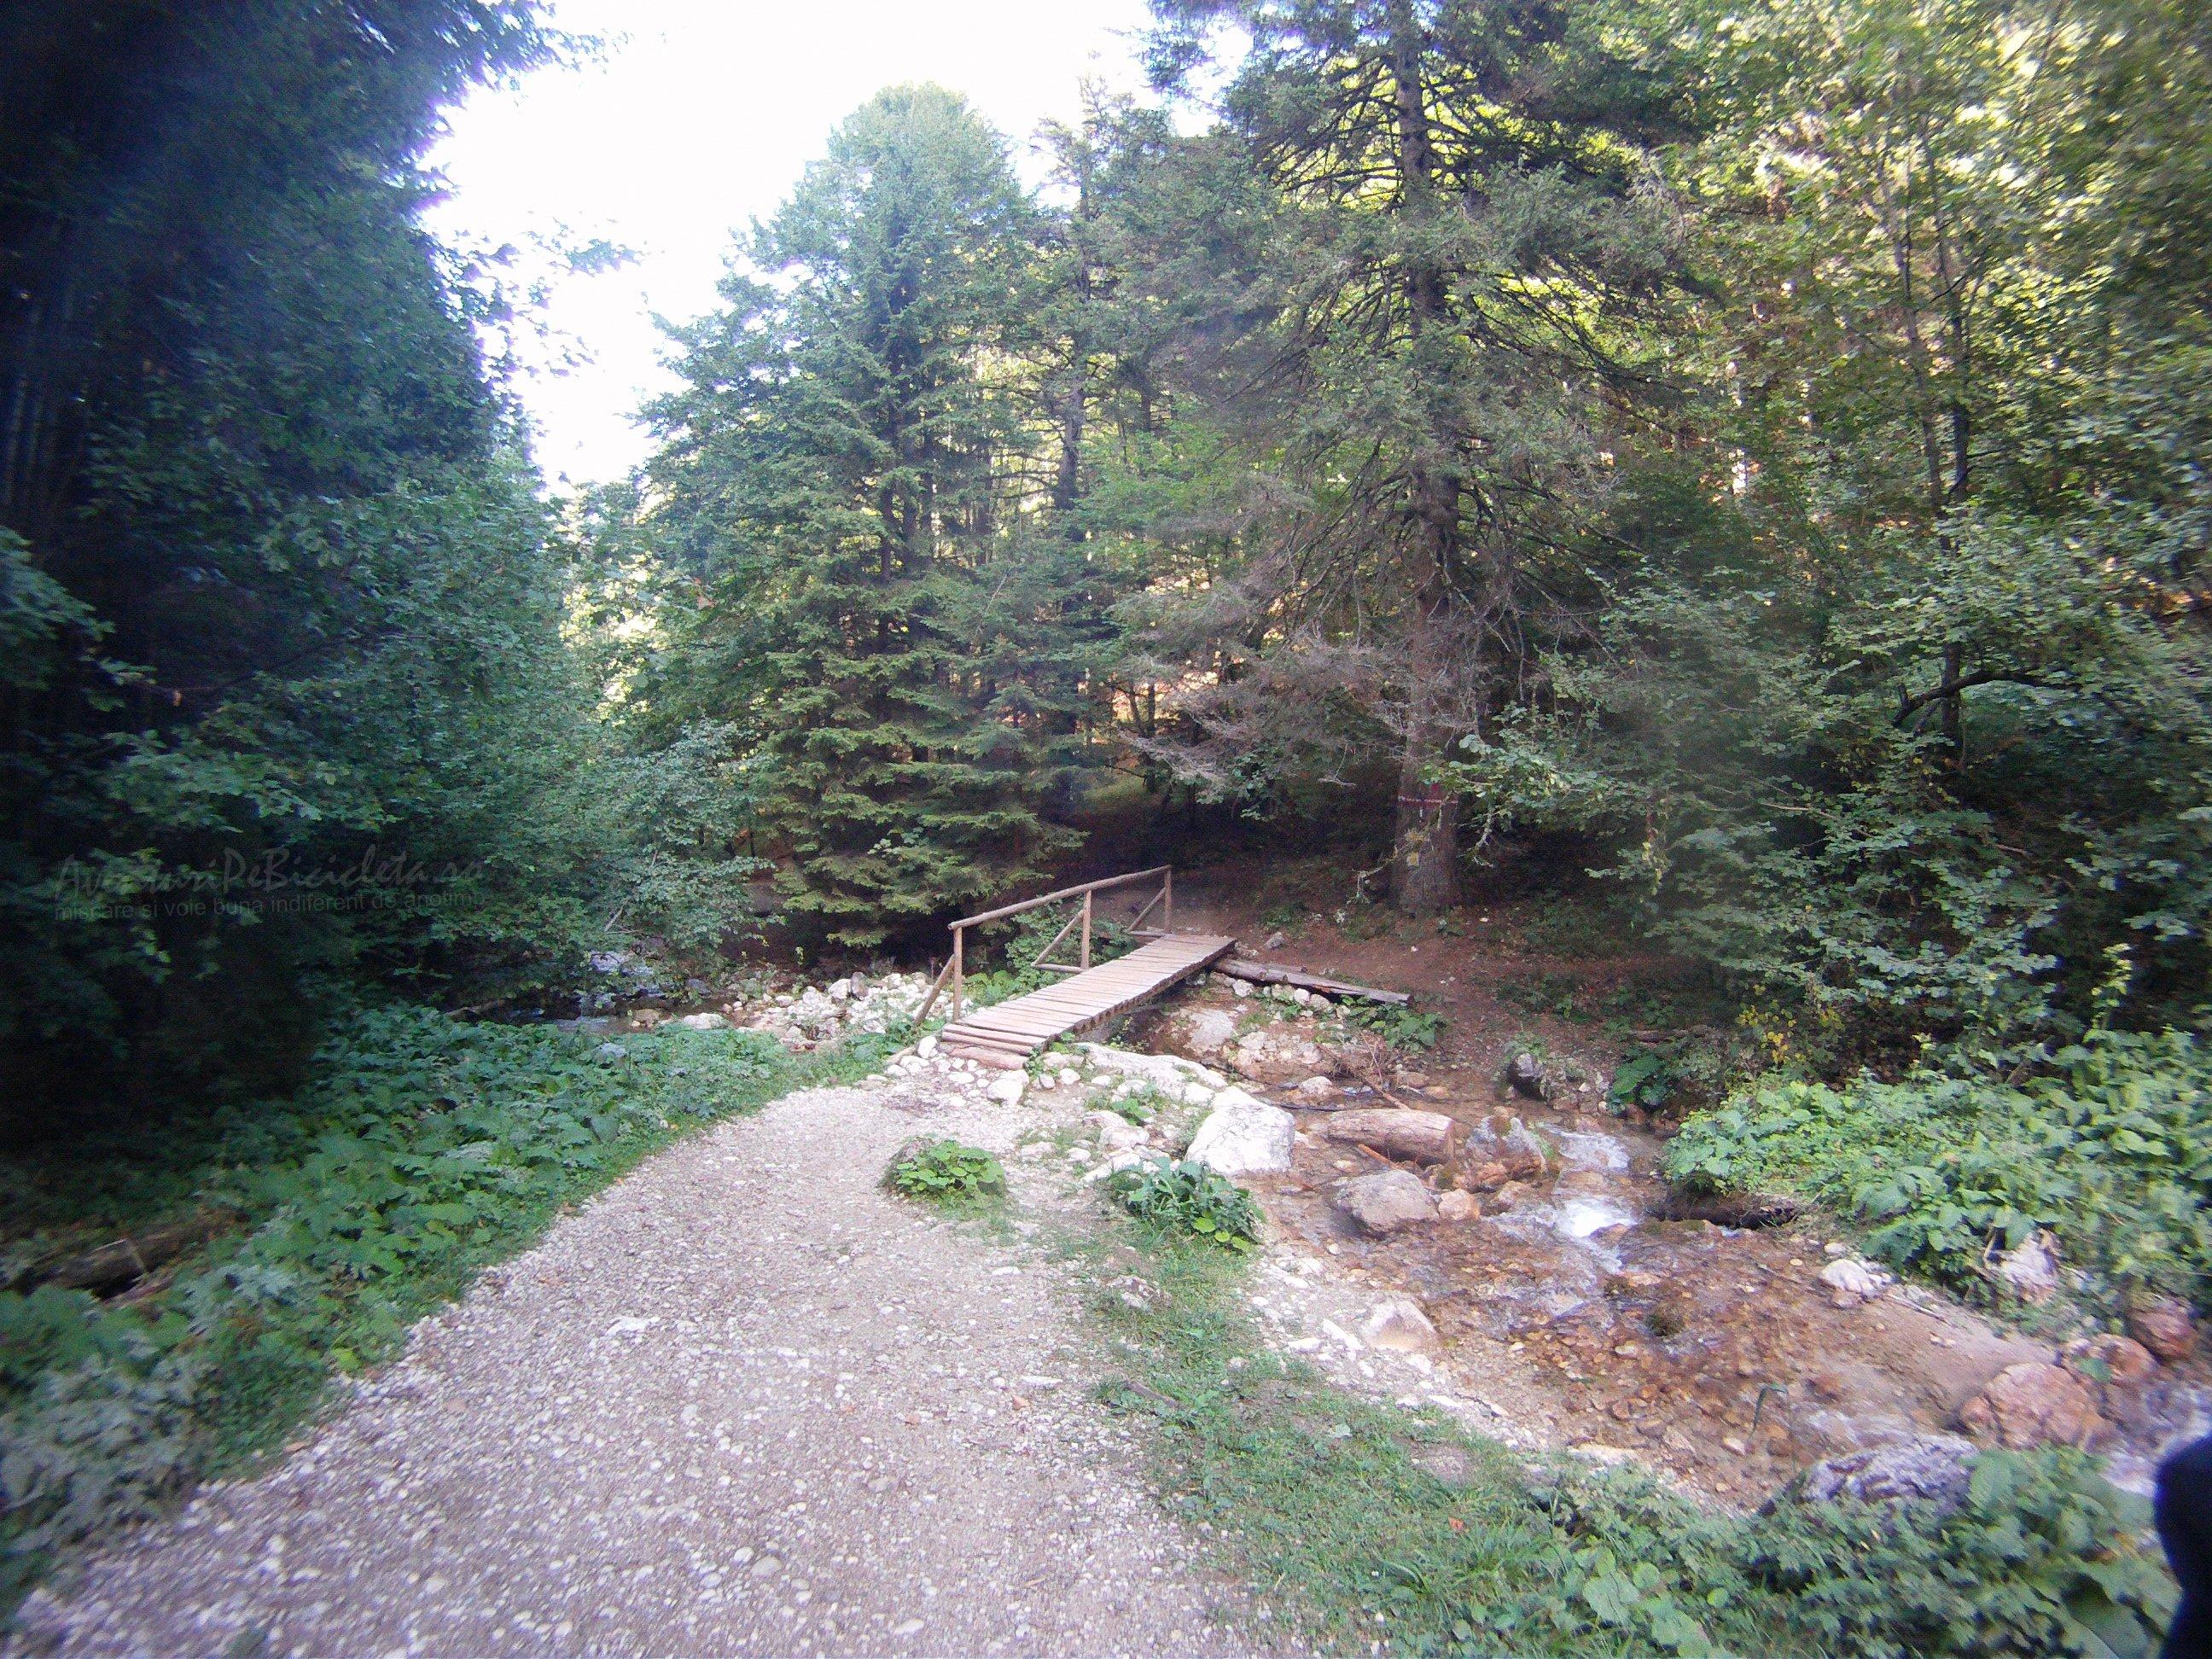 Aventuri pe bicicleta – Tura MARE – Coborare de la: Canionul si Cascada Sapte Scari